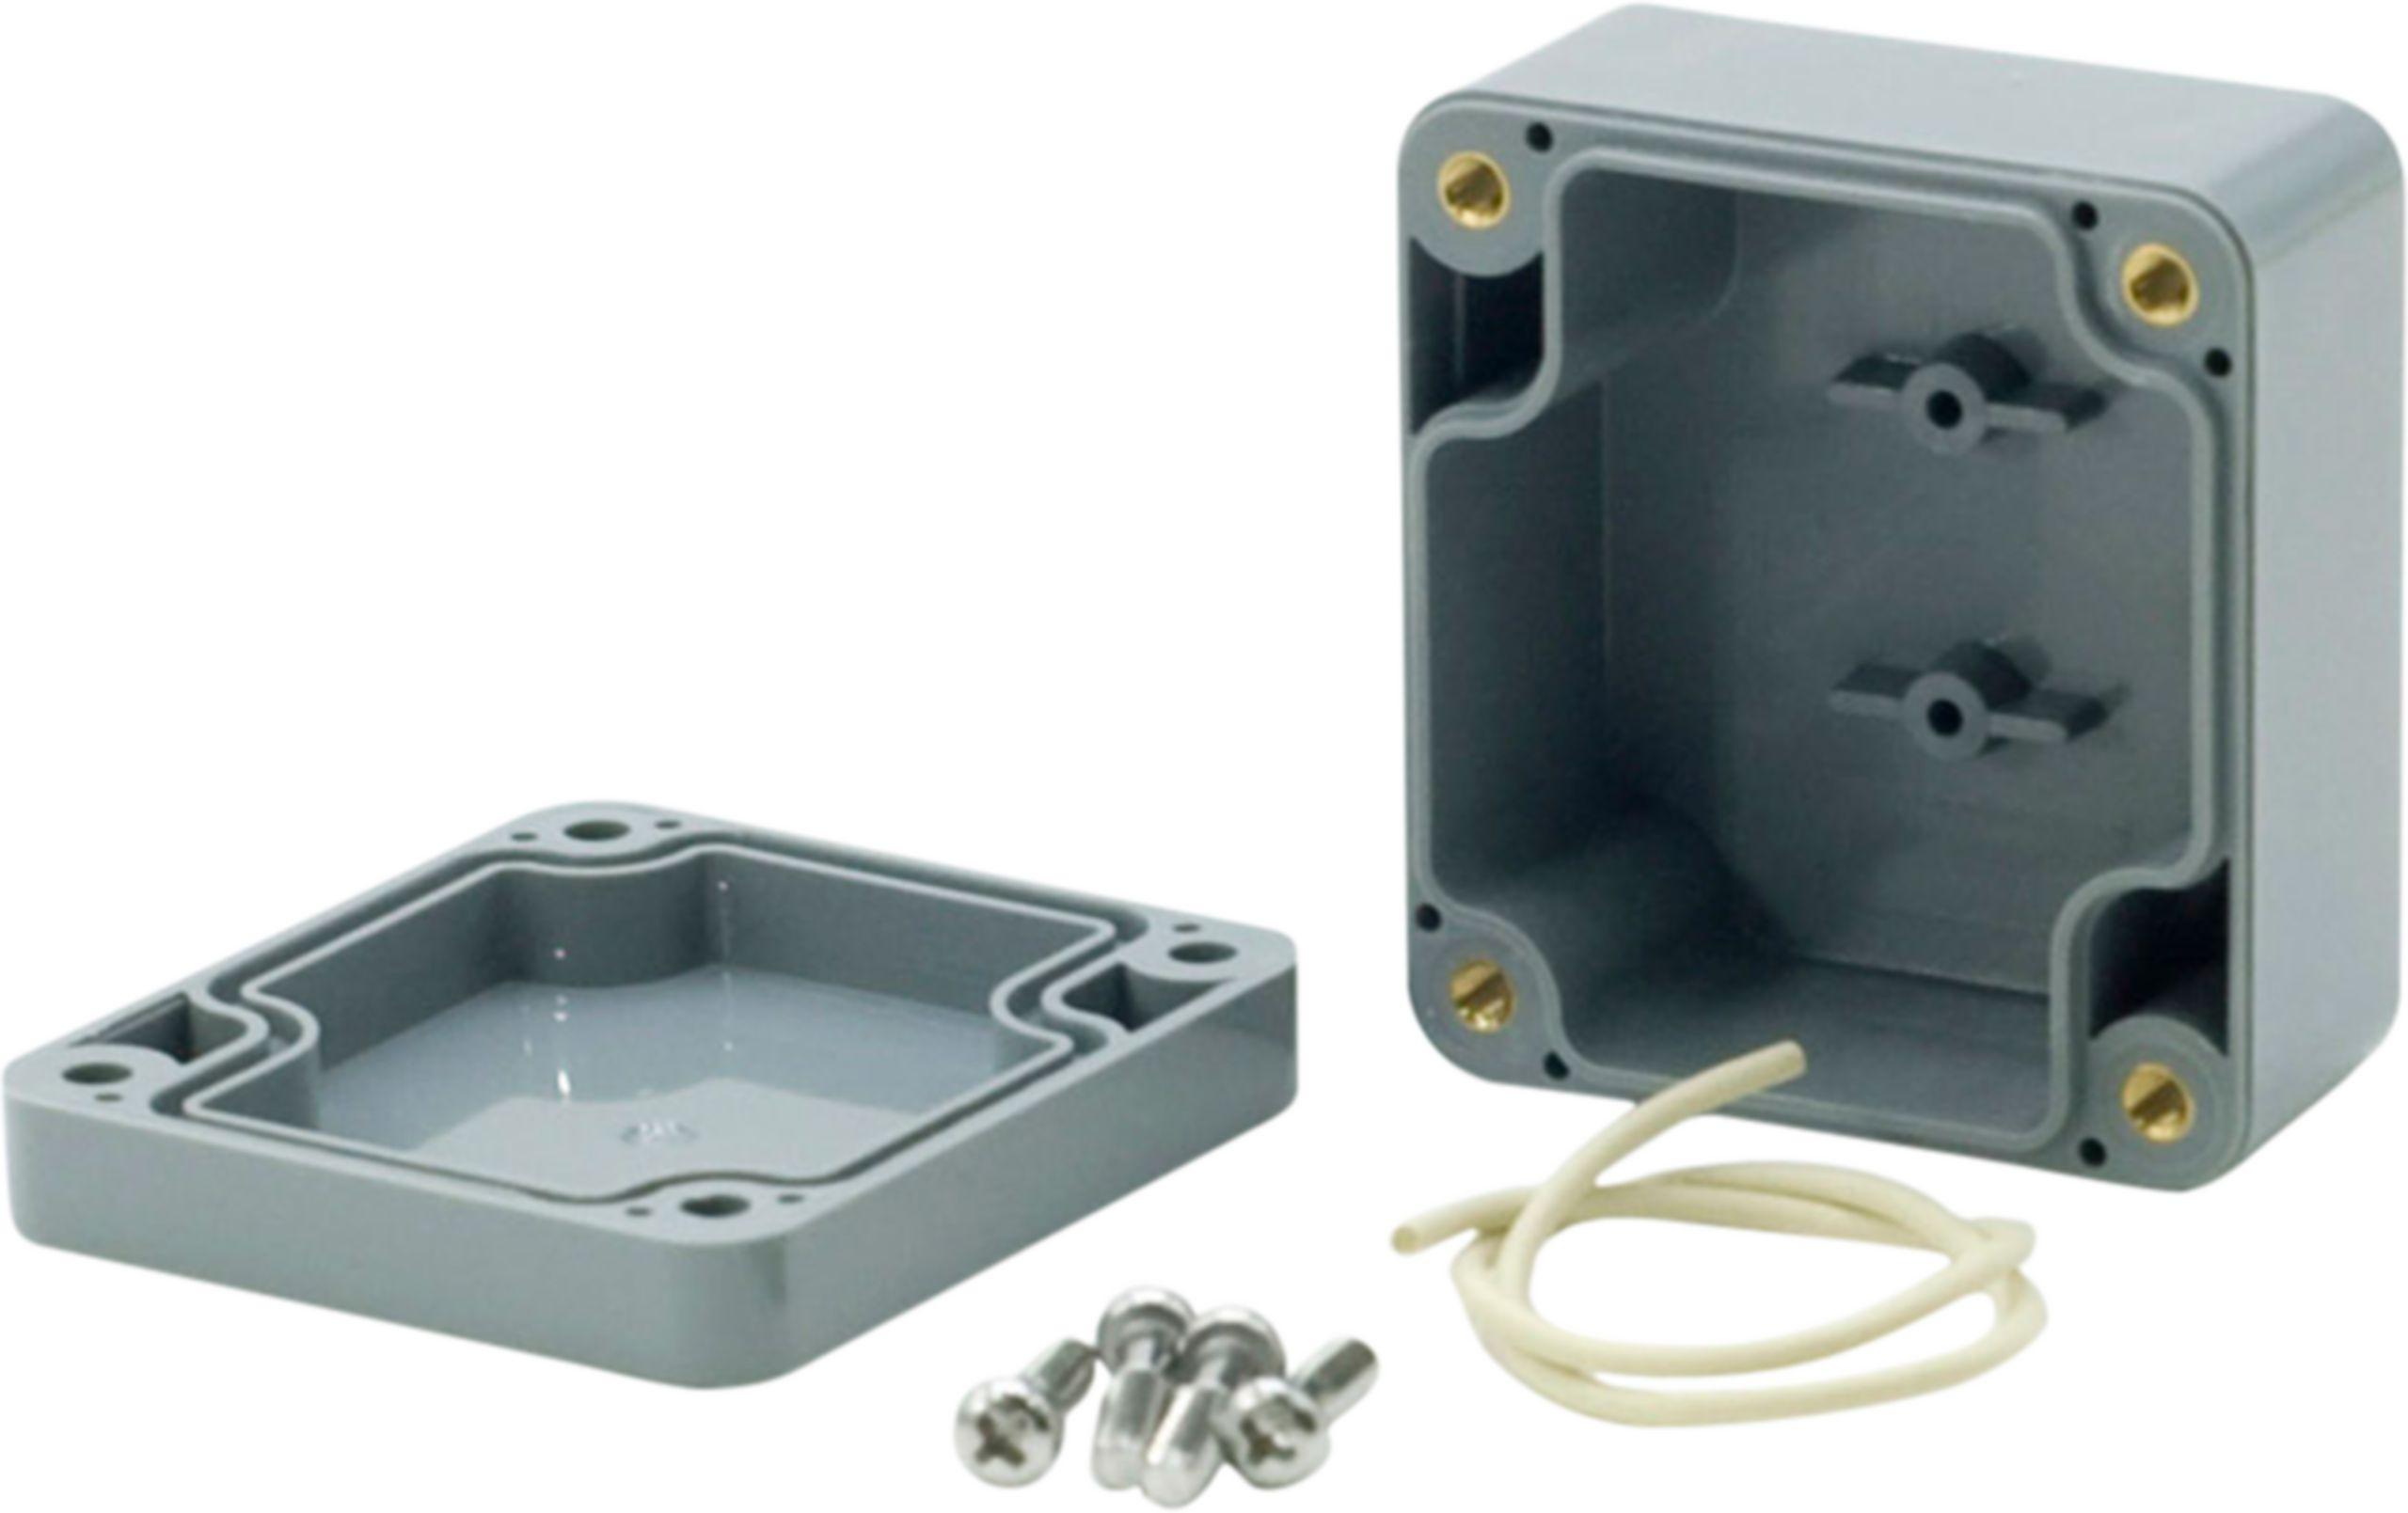 Krabička ABS plast, IP 65, tmavě šedá 171 x 121 x 55 mm